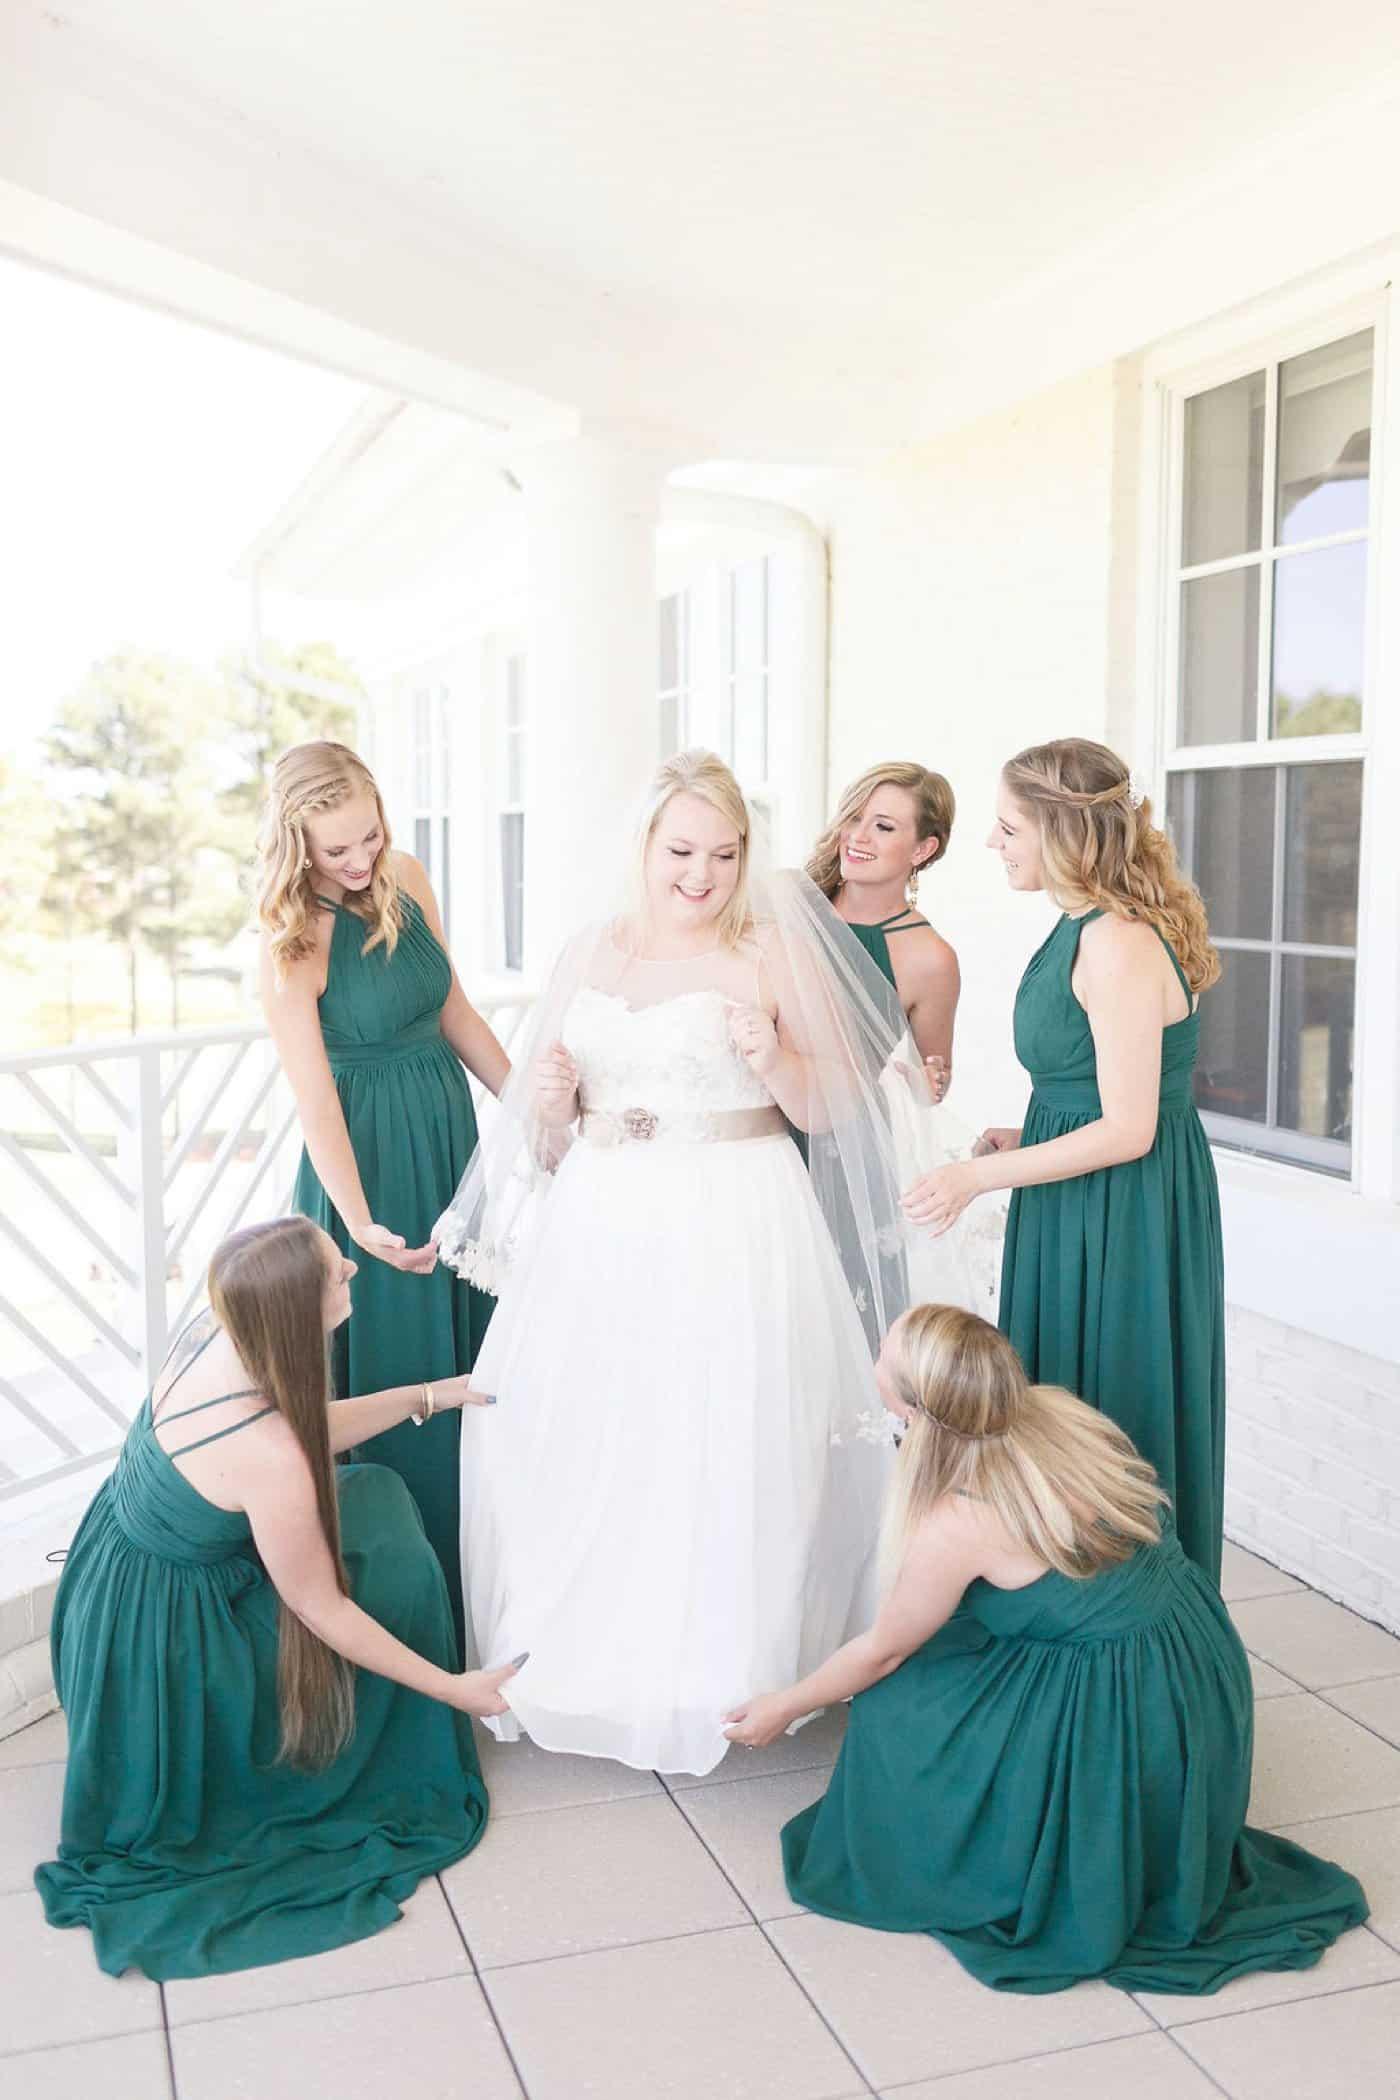 Independence Gold Course Wedding Photos | Richmond, Virginia